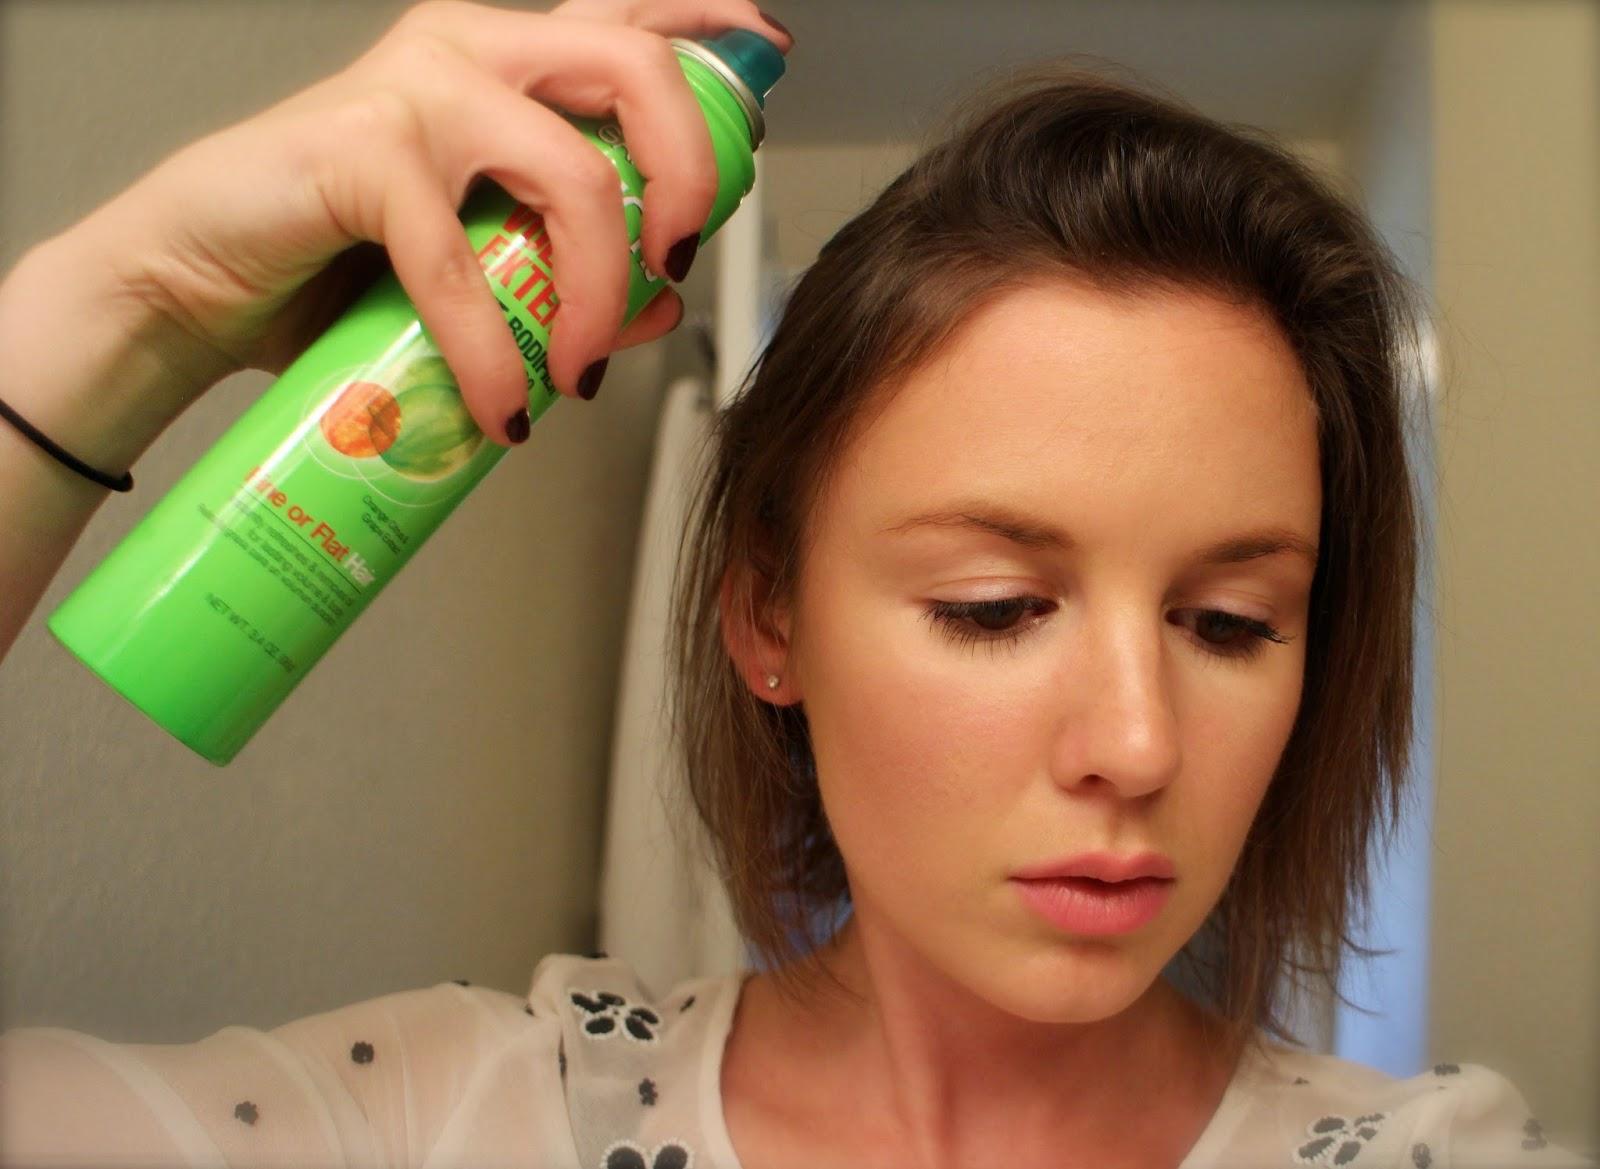 Garnier Fructis Dry Shampoo Review